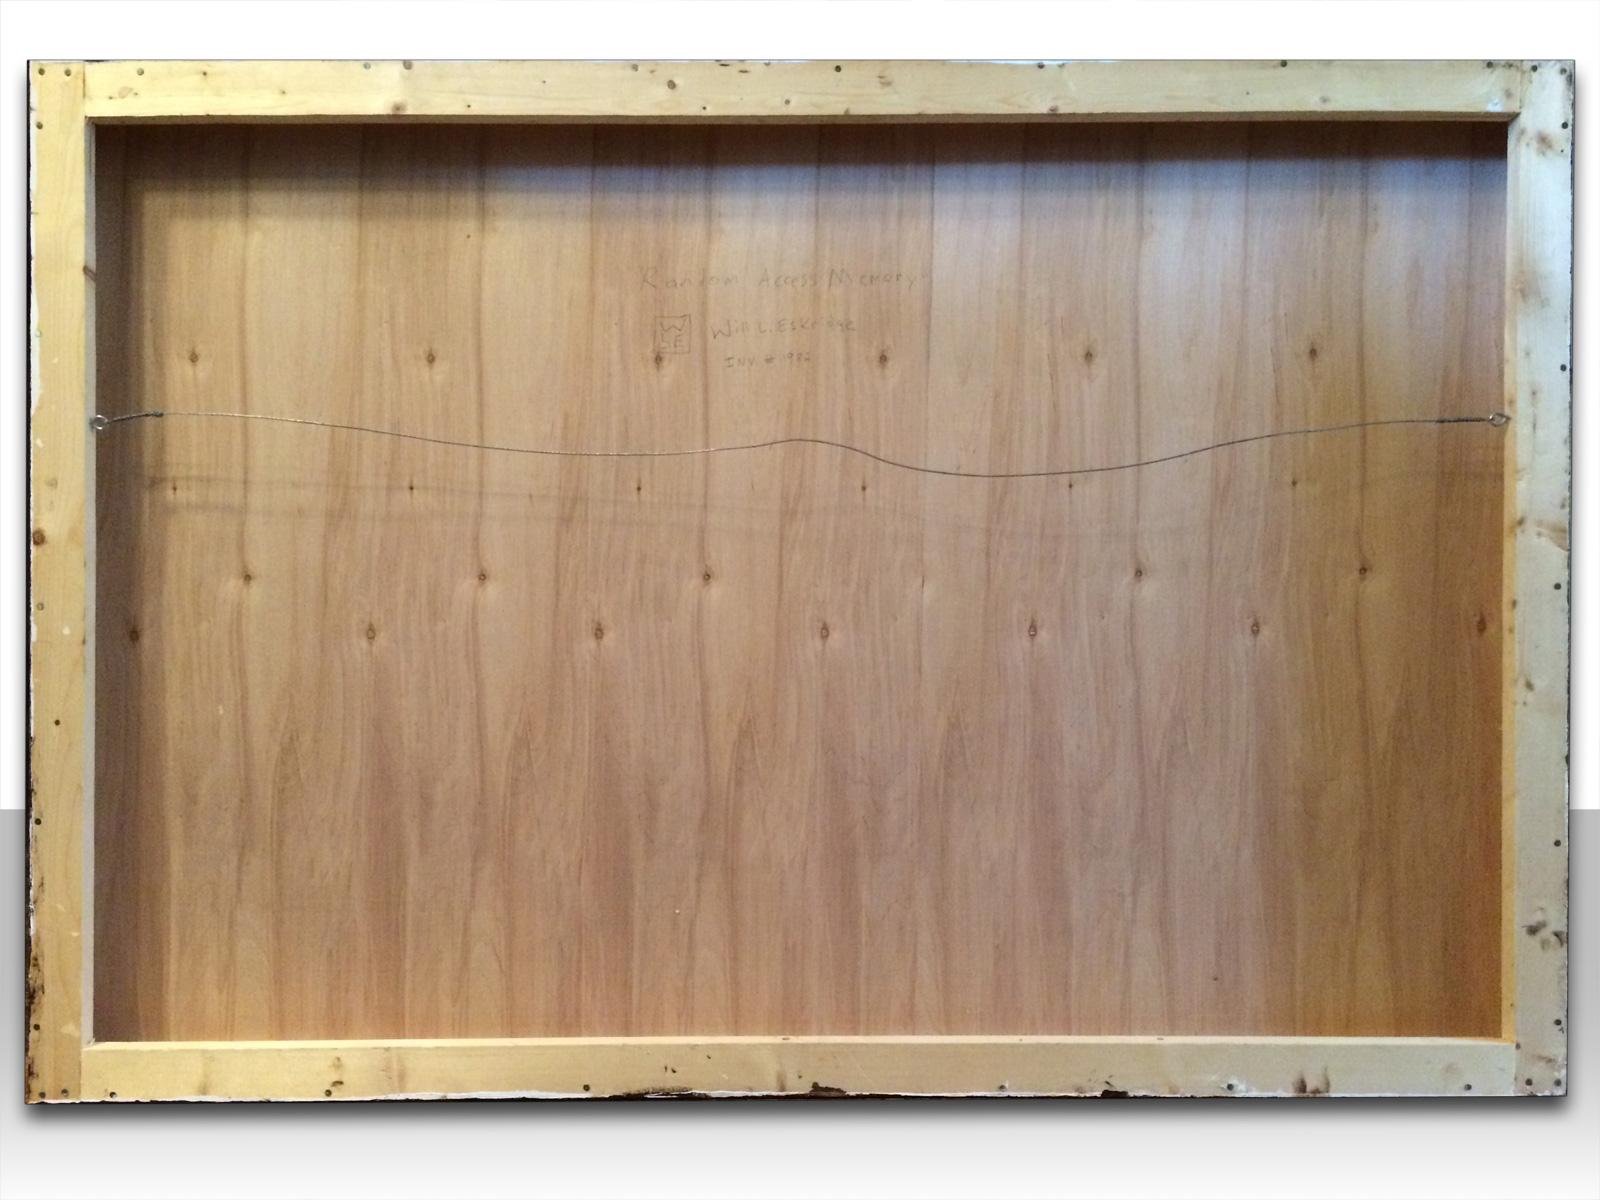 Wood-panel-back-animal-art-painting-Will-Eskridge